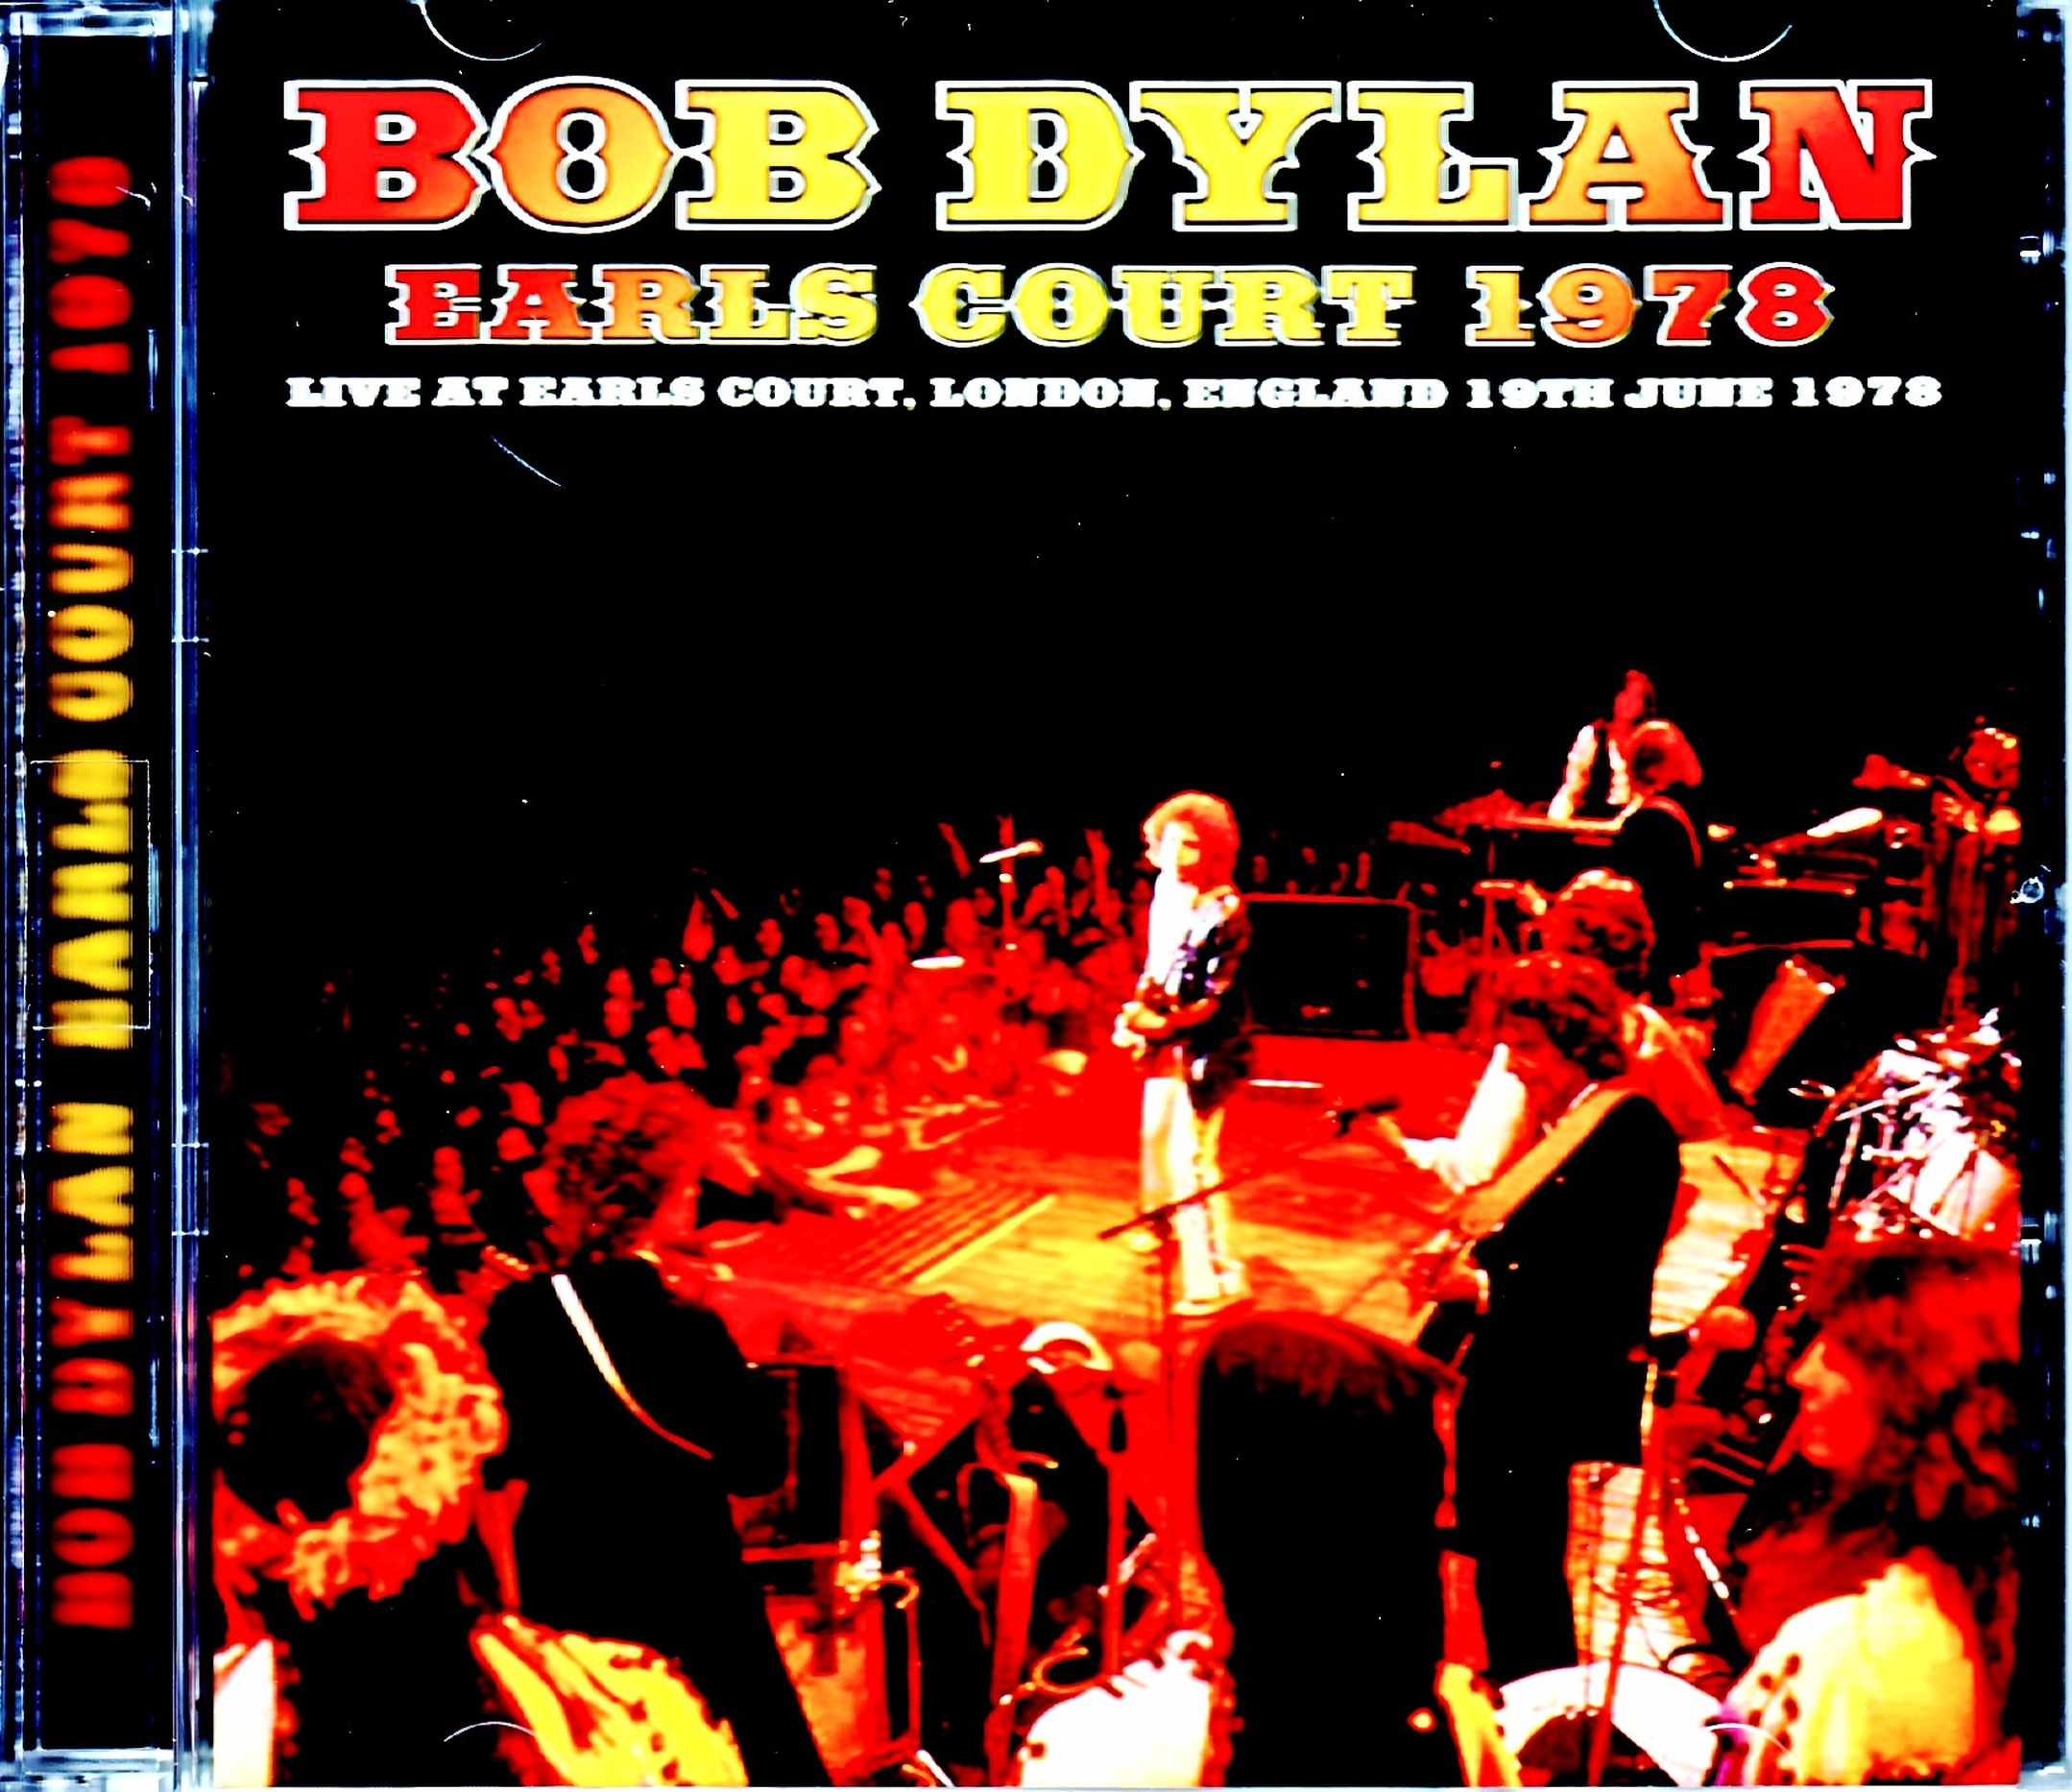 Bob Dylan ボブ・ディラン/London,UK 7.19.1978